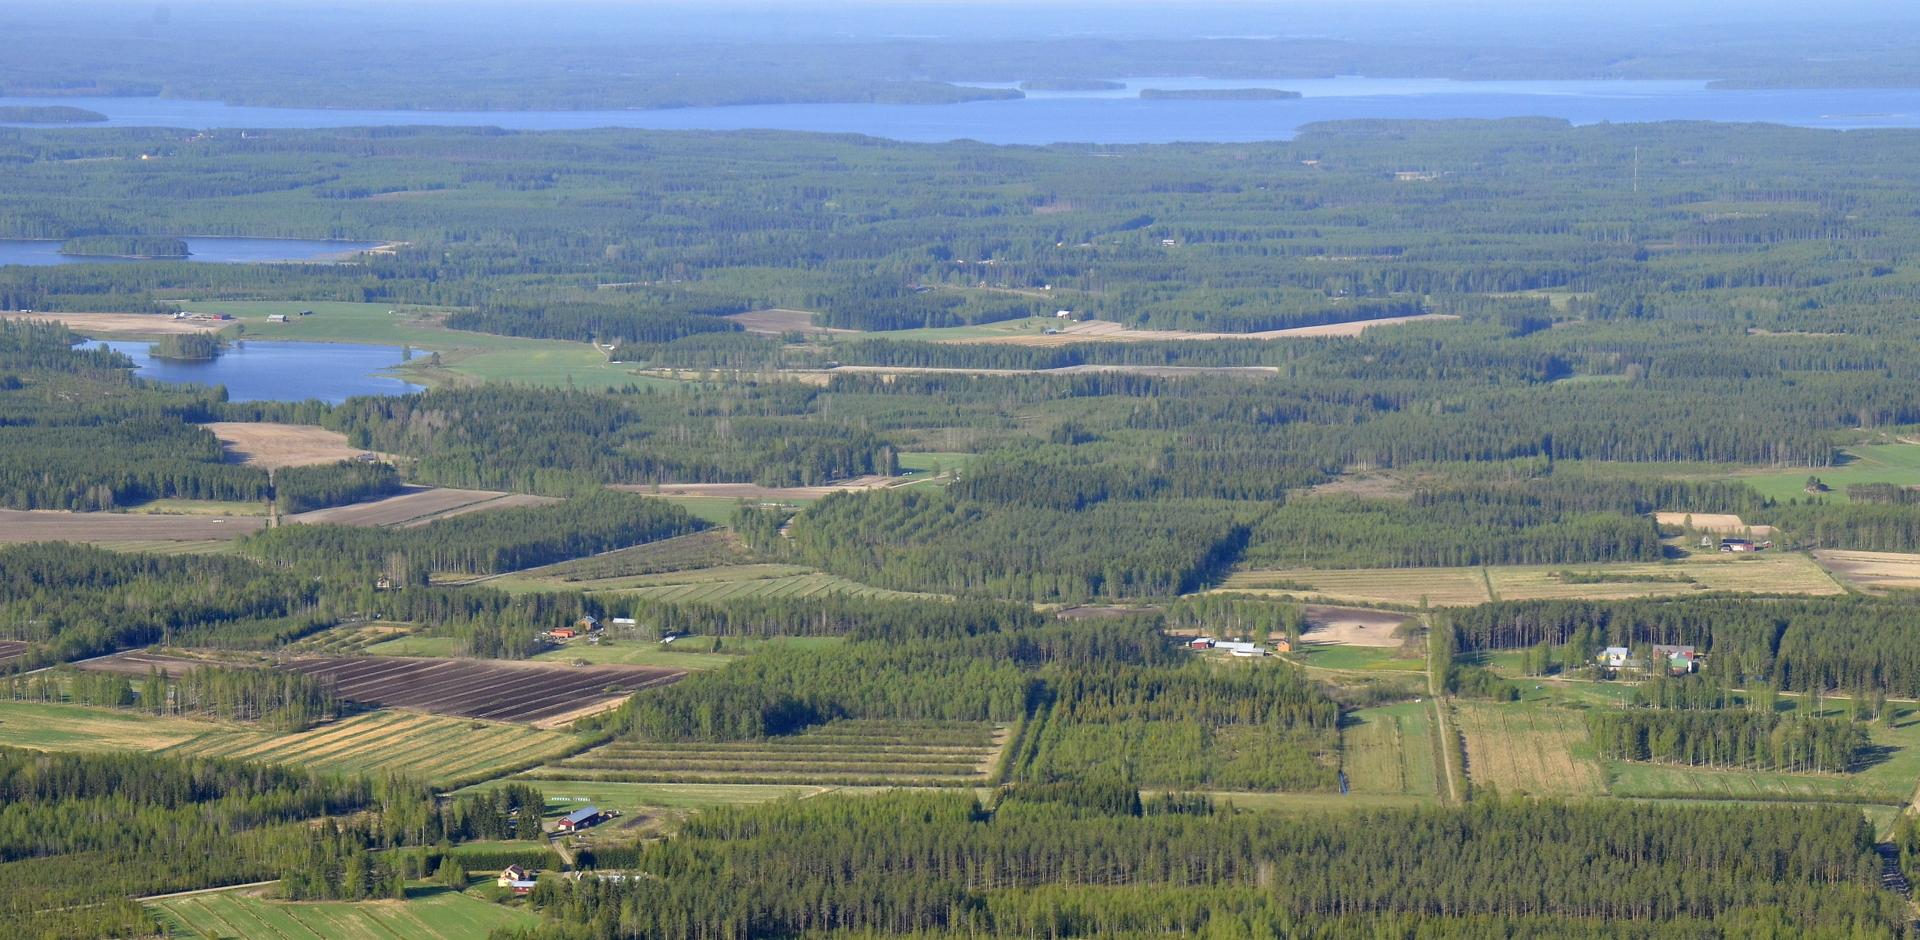 Nyt ollaan Viitakankaan puolella. Taustalla Keitelejärven Pihkurinselkä.